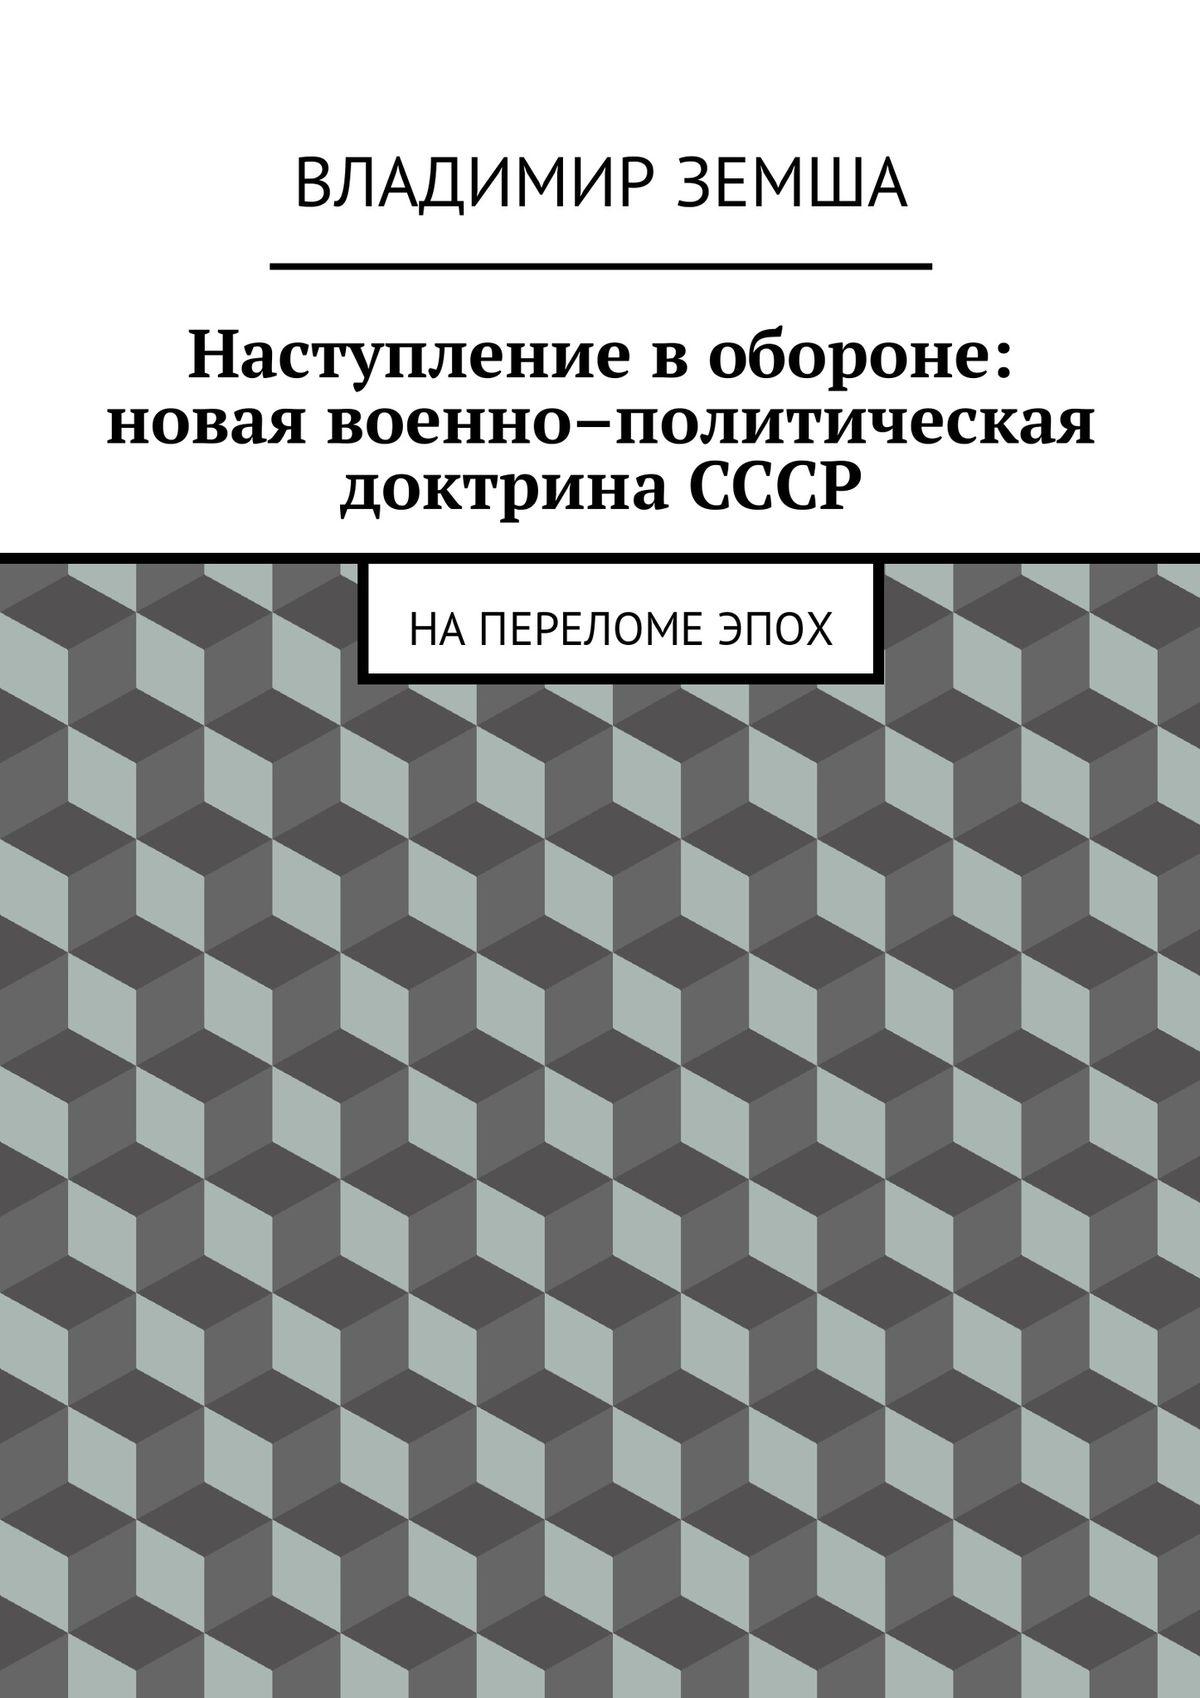 Владимир Валерьевич Земша Наступление в обороне: Новая военно-политическая доктрина СССР футболка чечня